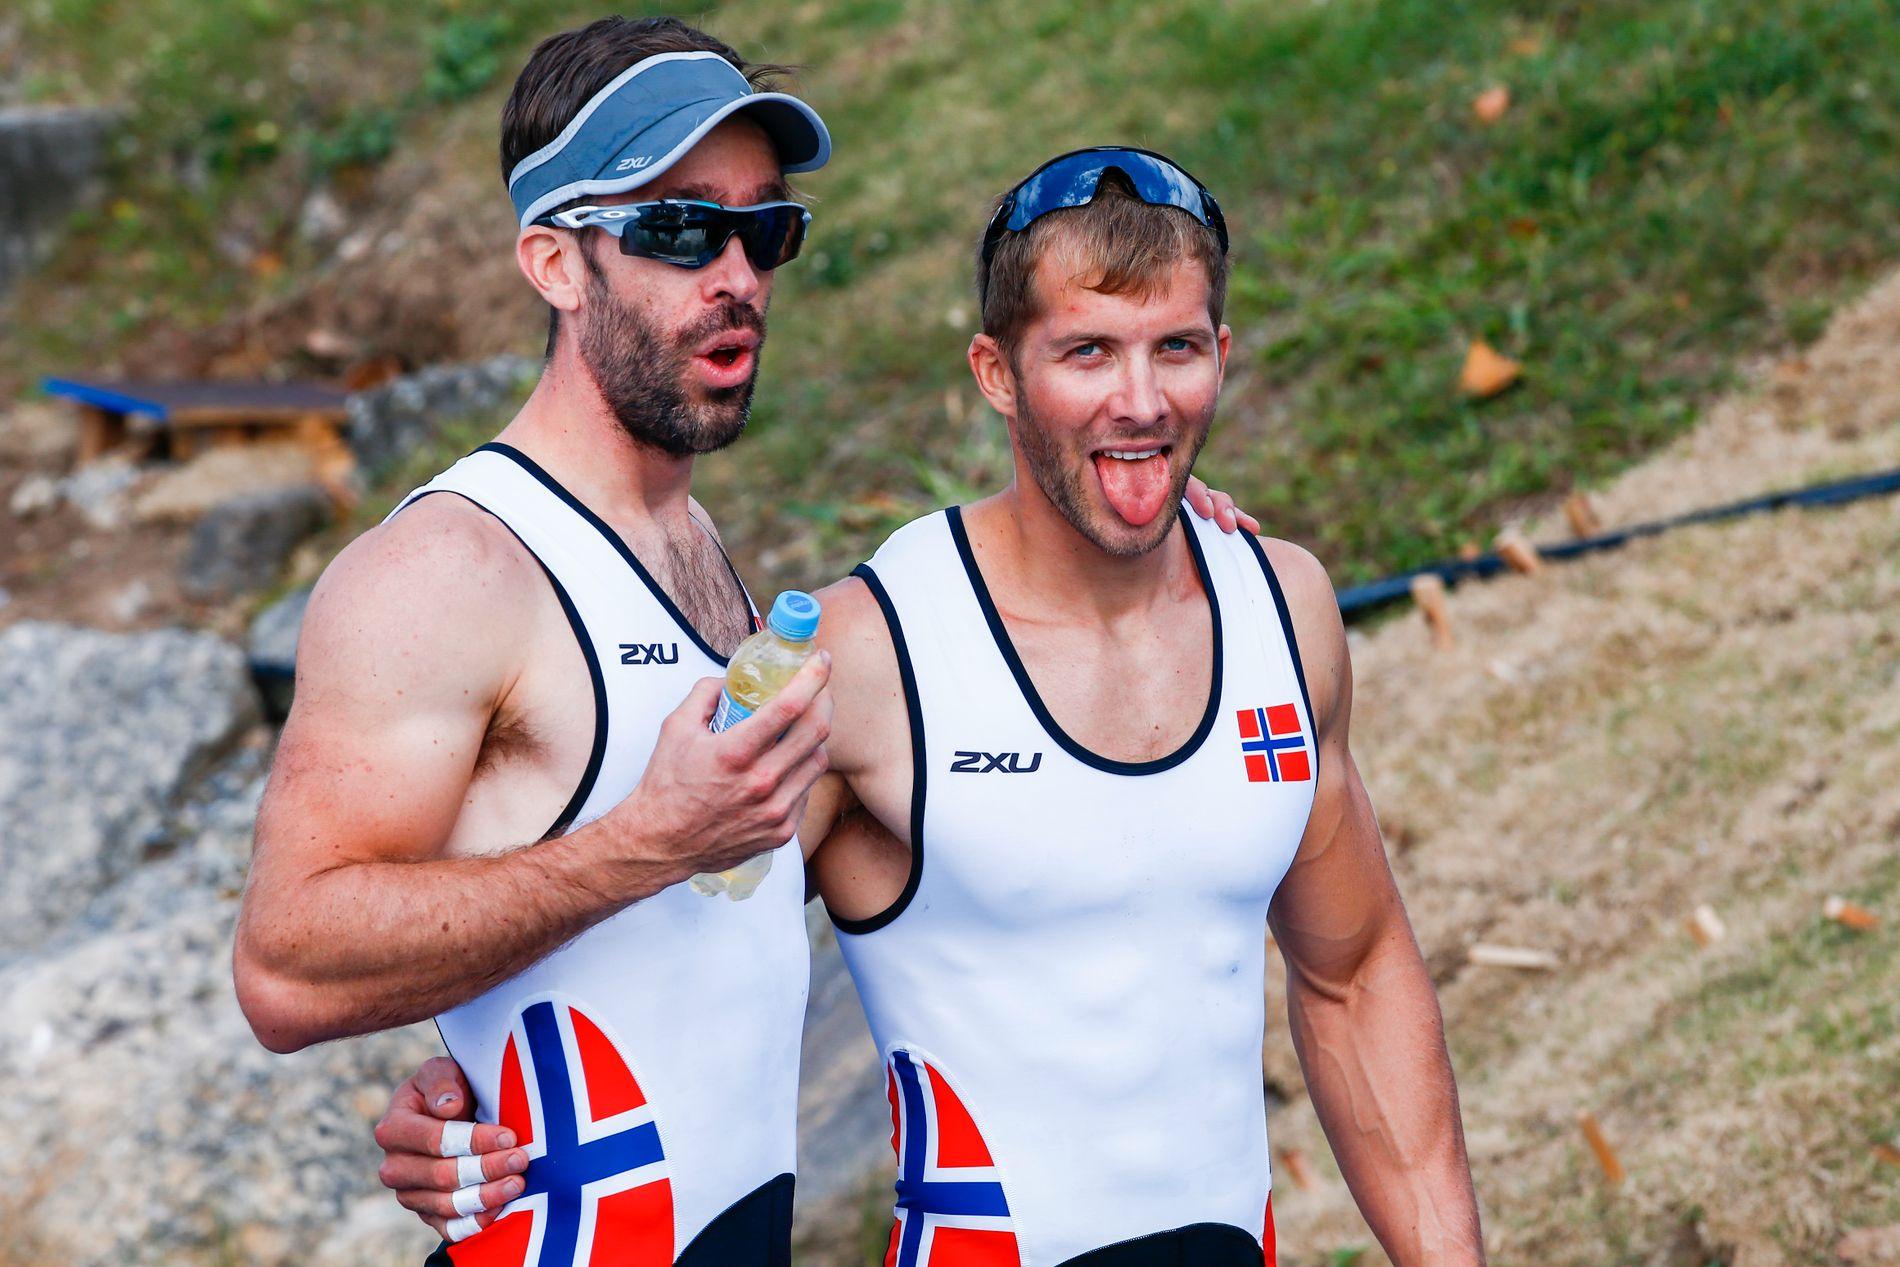 HELT UTSLITT: Både Kristoffer Brun (til høyre) og Are Strandli slet tungt etter semfinale-utblåsningen.